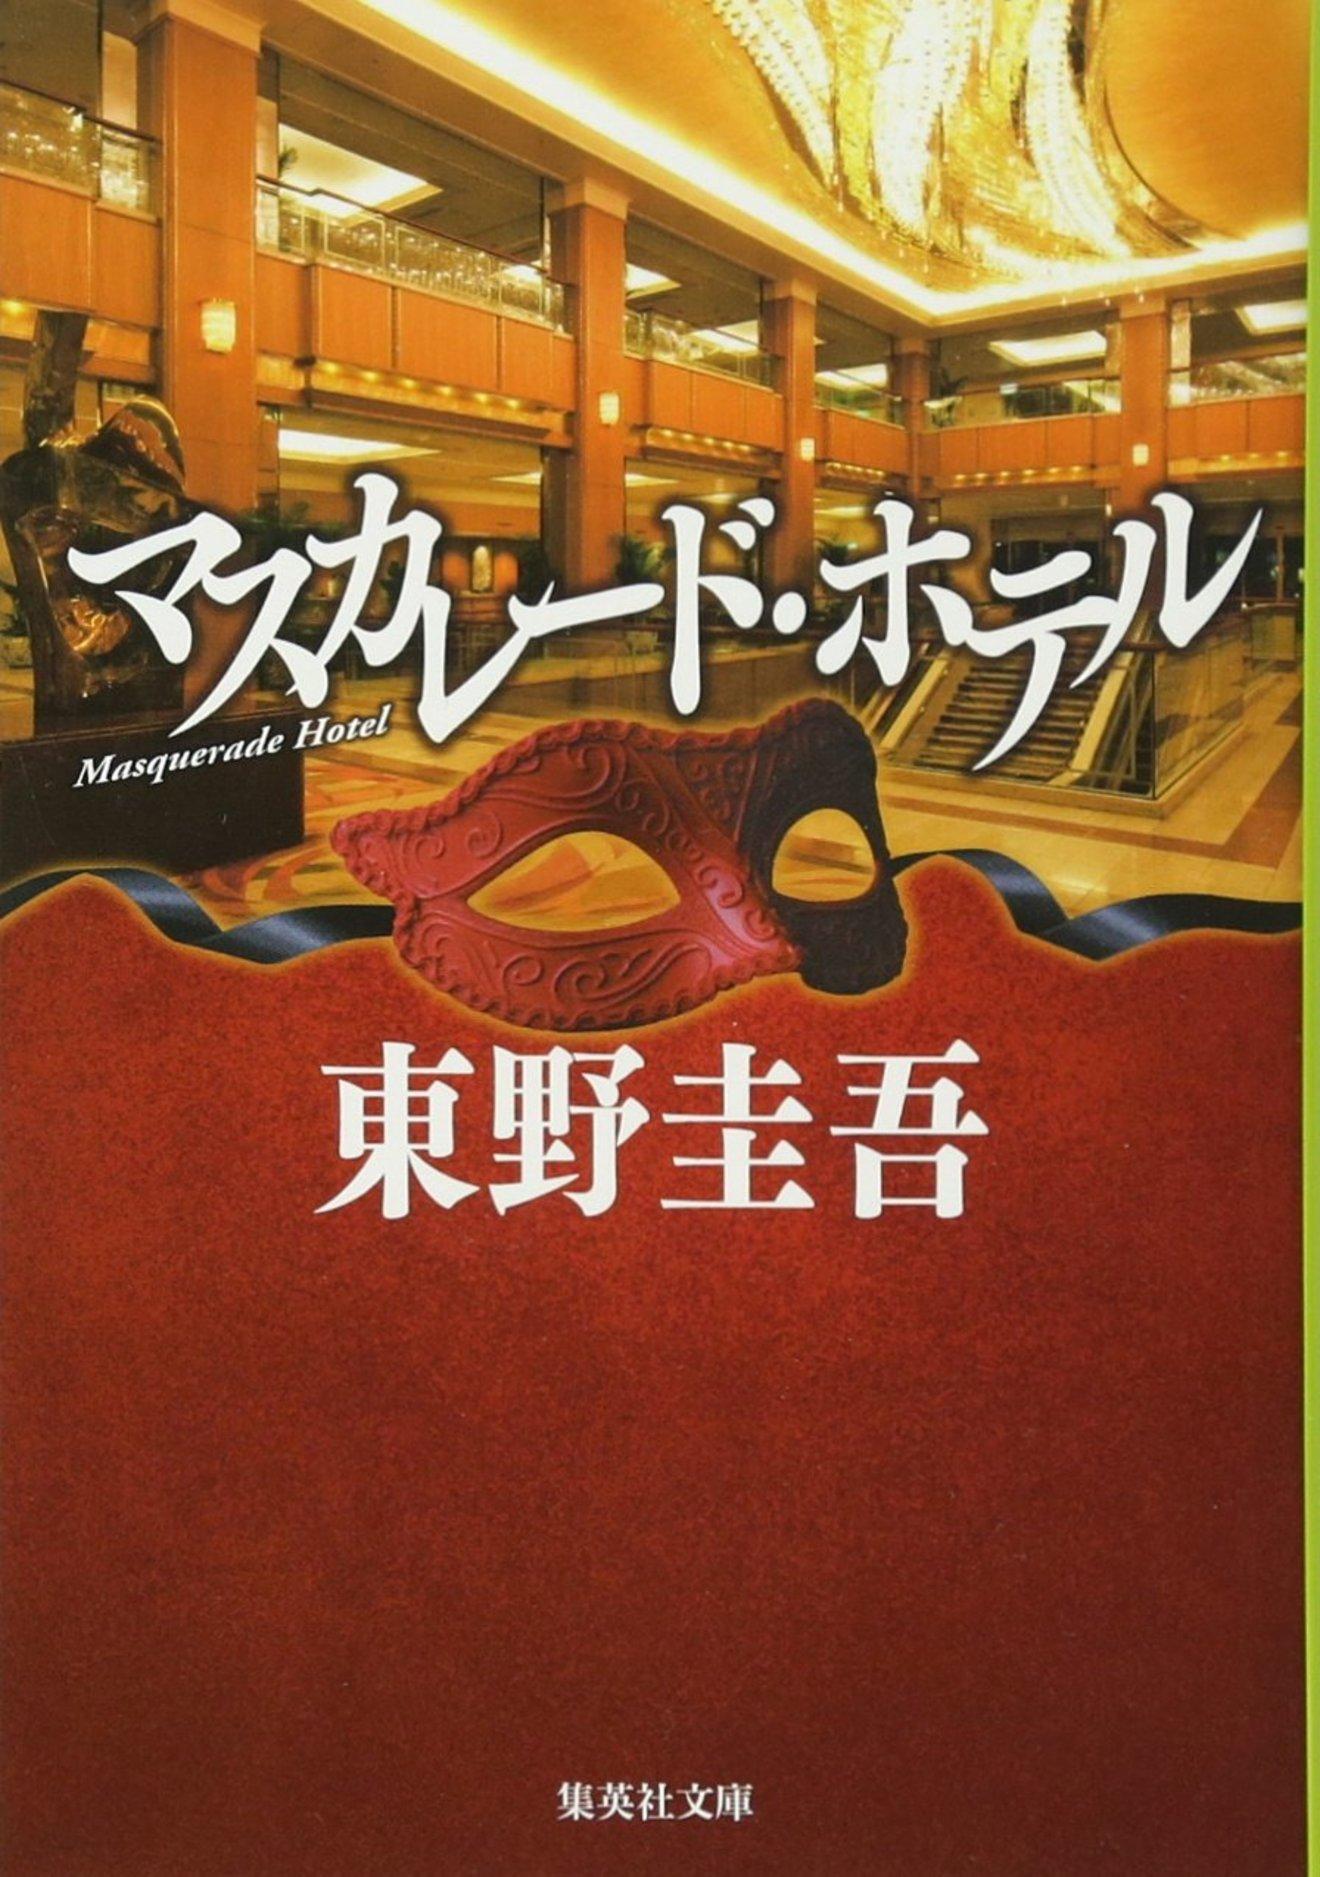 東野圭吾『マスカレード・ホテル』3つの見所!あらすじ、モデルなどネタバレ